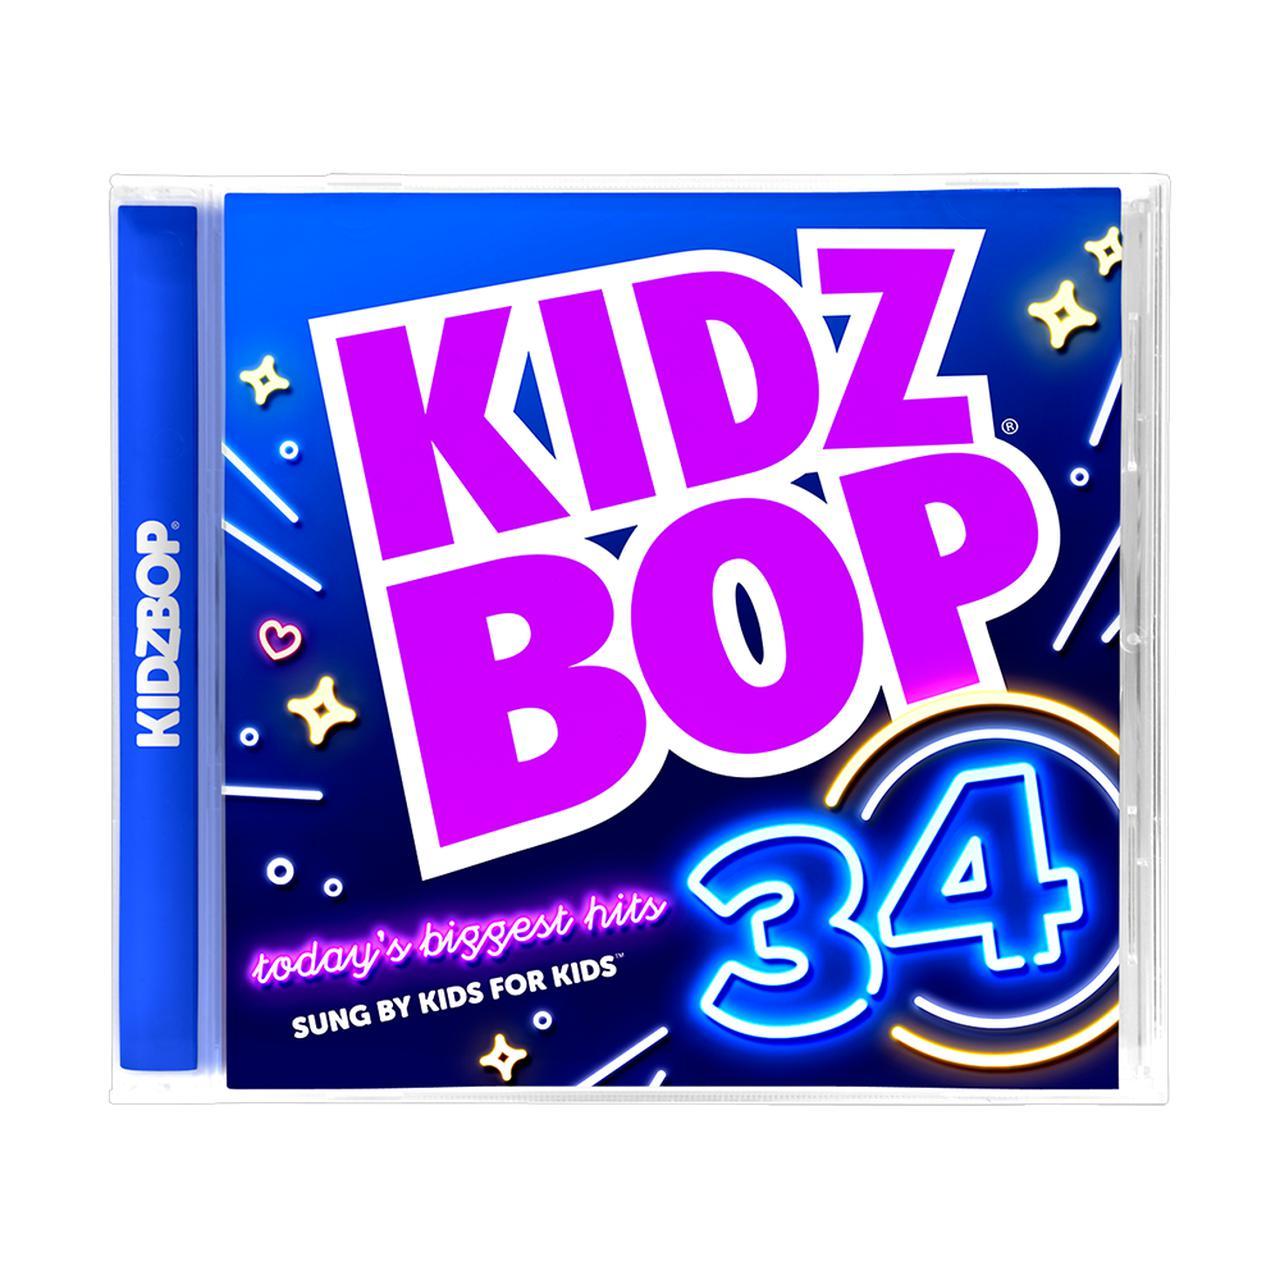 KIDZ BOP 34 CD